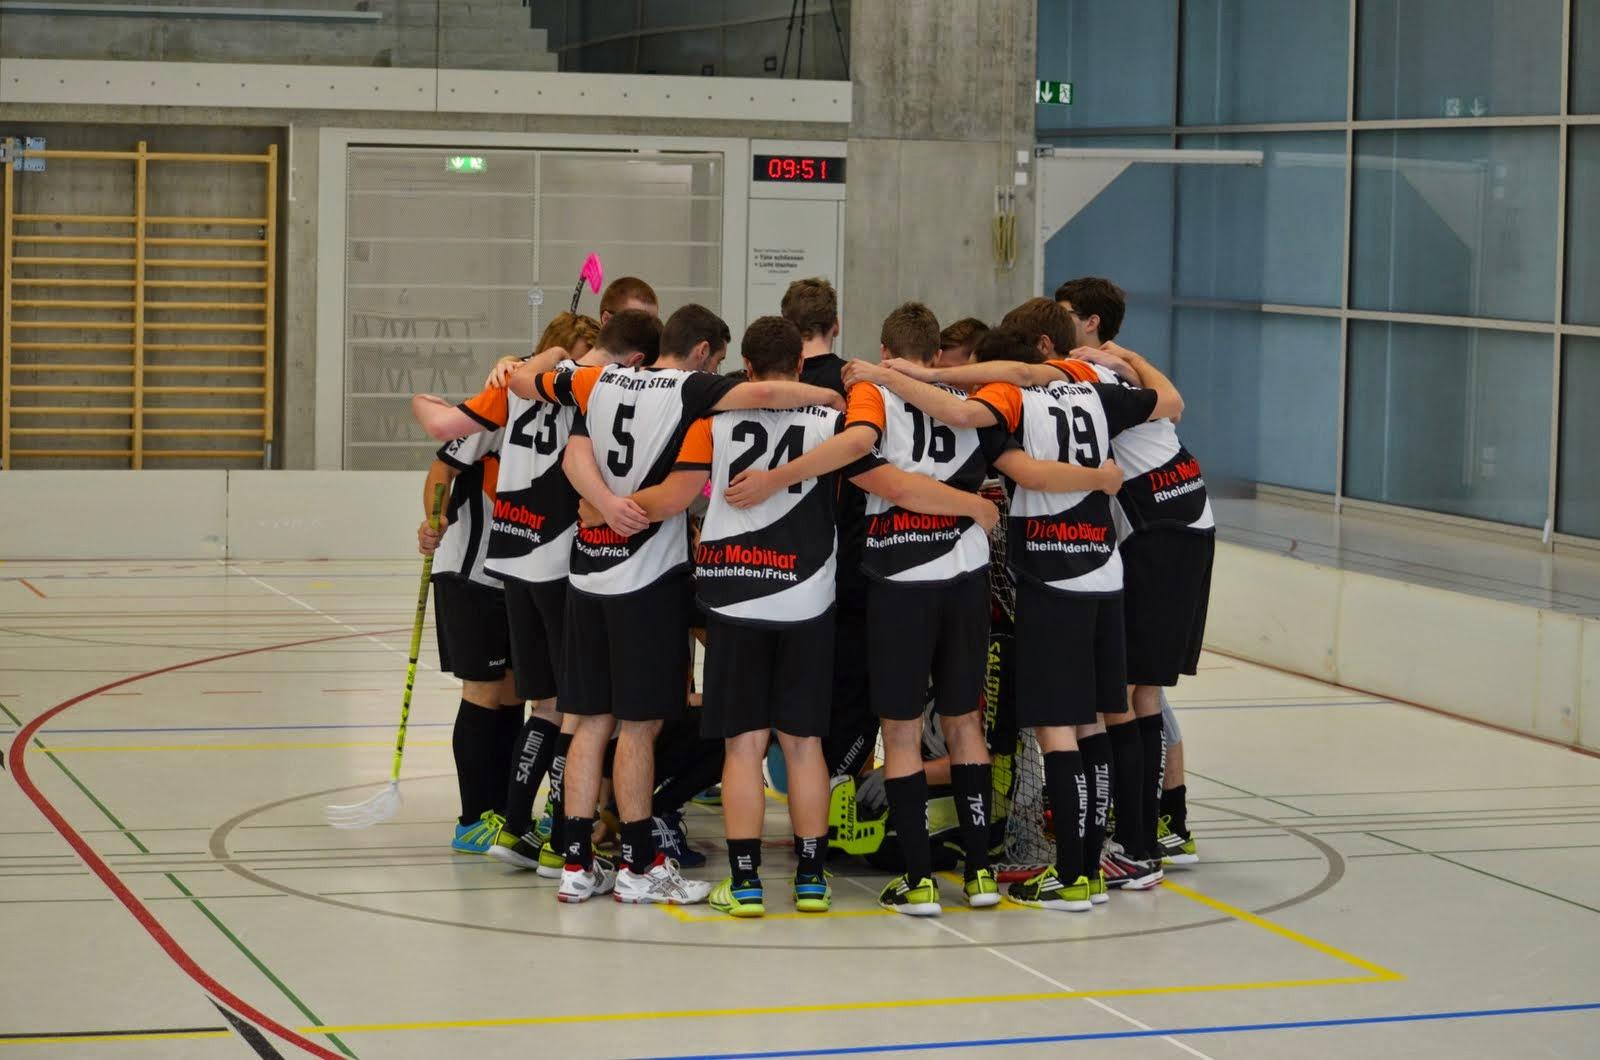 Herren 1 (3. Meisterschaftsrunde 2014/2015)